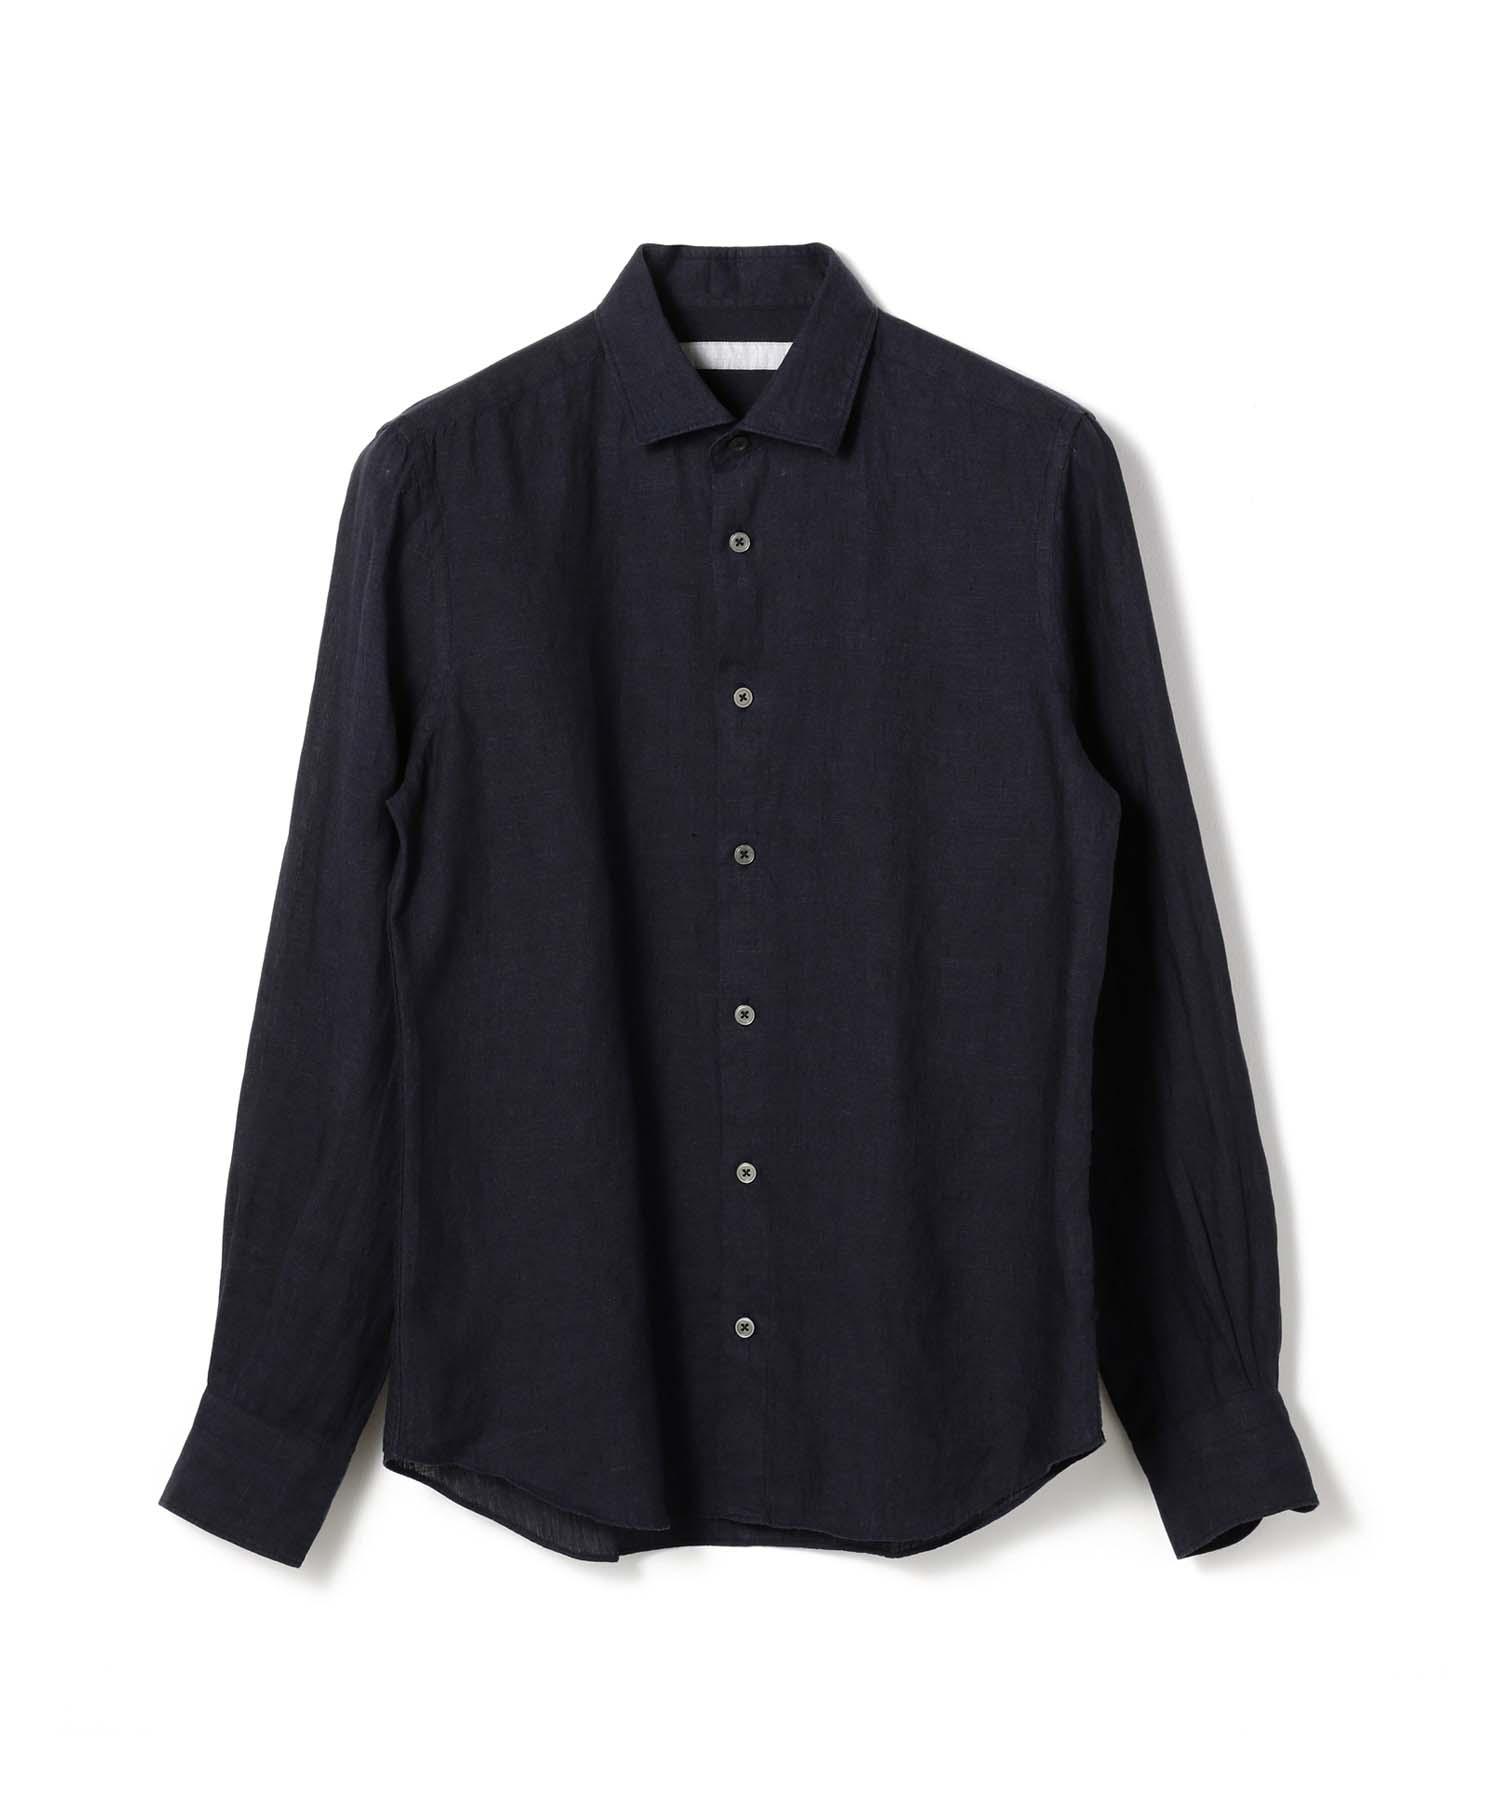 ESTNATION レギュラーカラーリネンシャツ